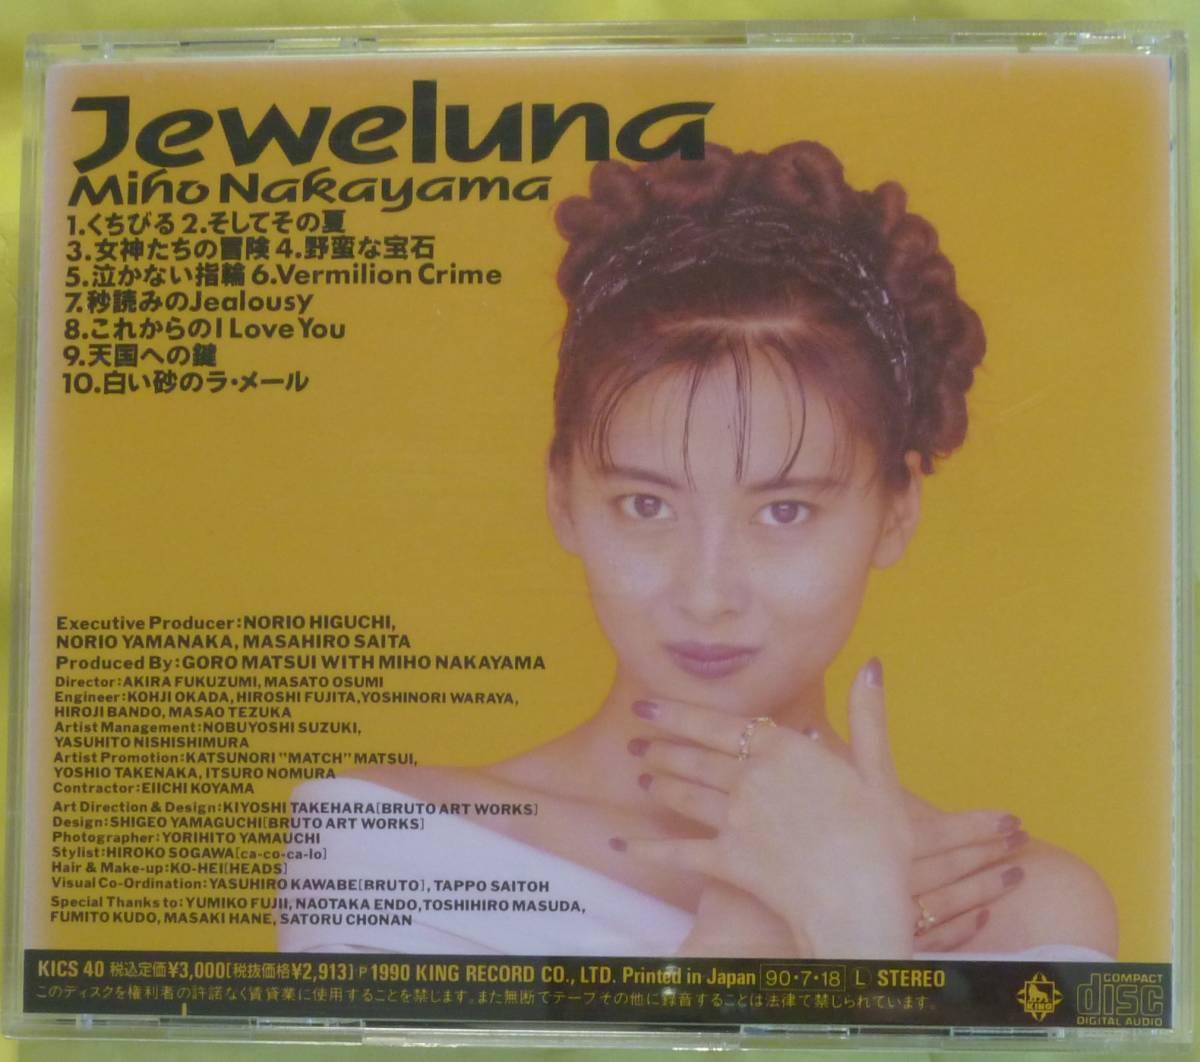 中山美穂 Jeweluna ジュウェルナ CD アルバム キングレコード 女神たちの冒険 その他 1990年 発売 当時物 帯なし_CDケース裏面